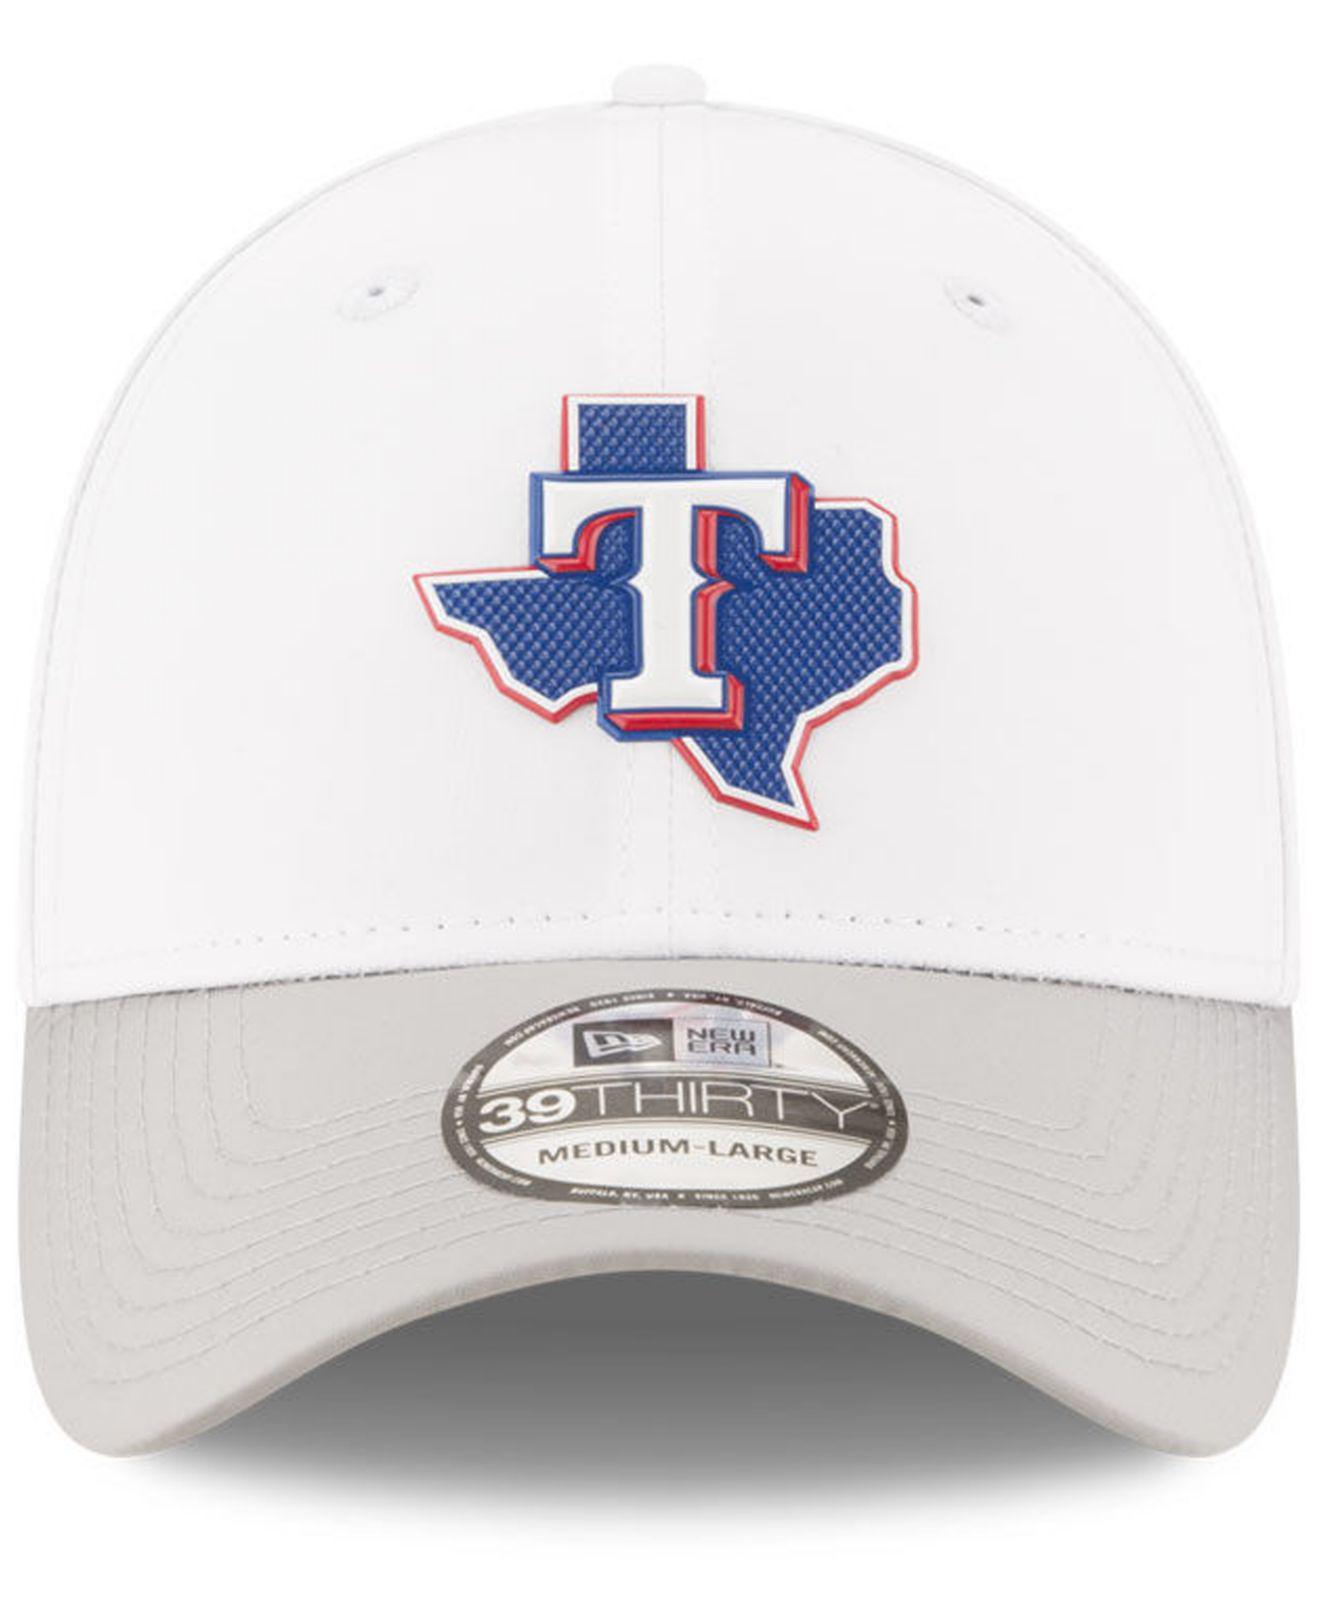 online store 247c6 eae95 Lyst - KTZ Texas Rangers White Batting Practice 39thirty Cap in White for  Men